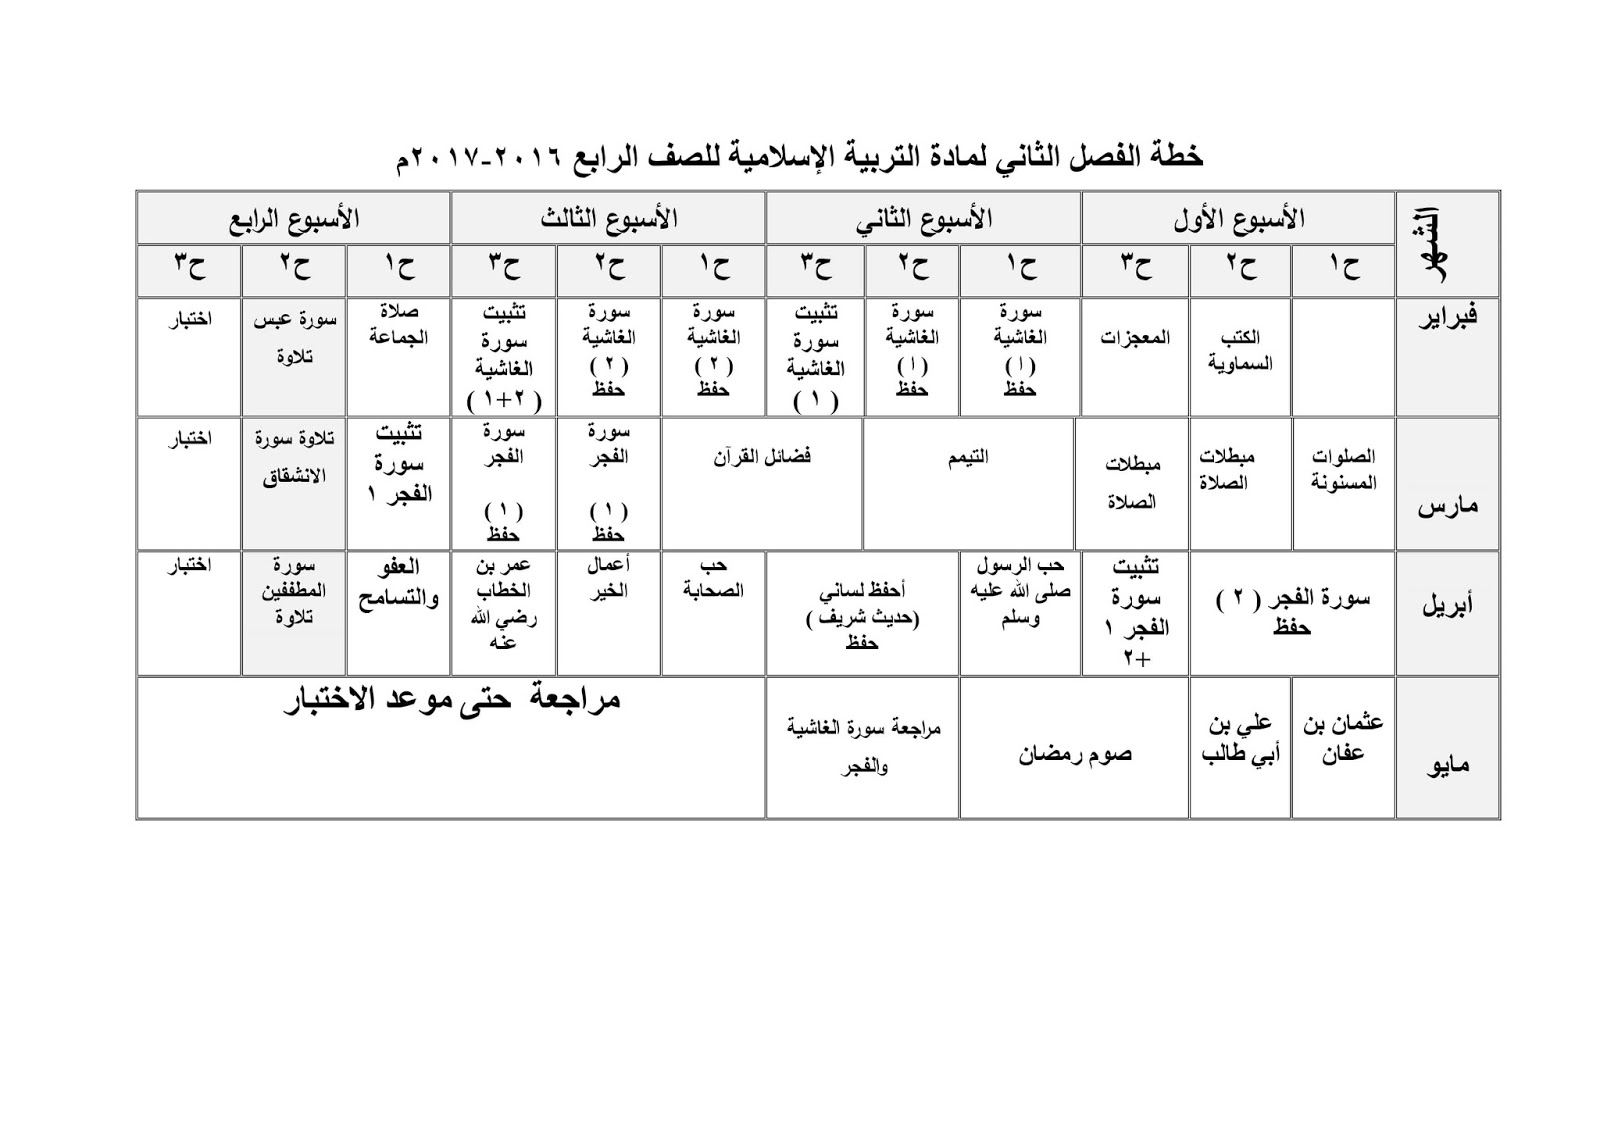 خطط فصلية للصف الرابع المنهاج الجديد 2019/2020